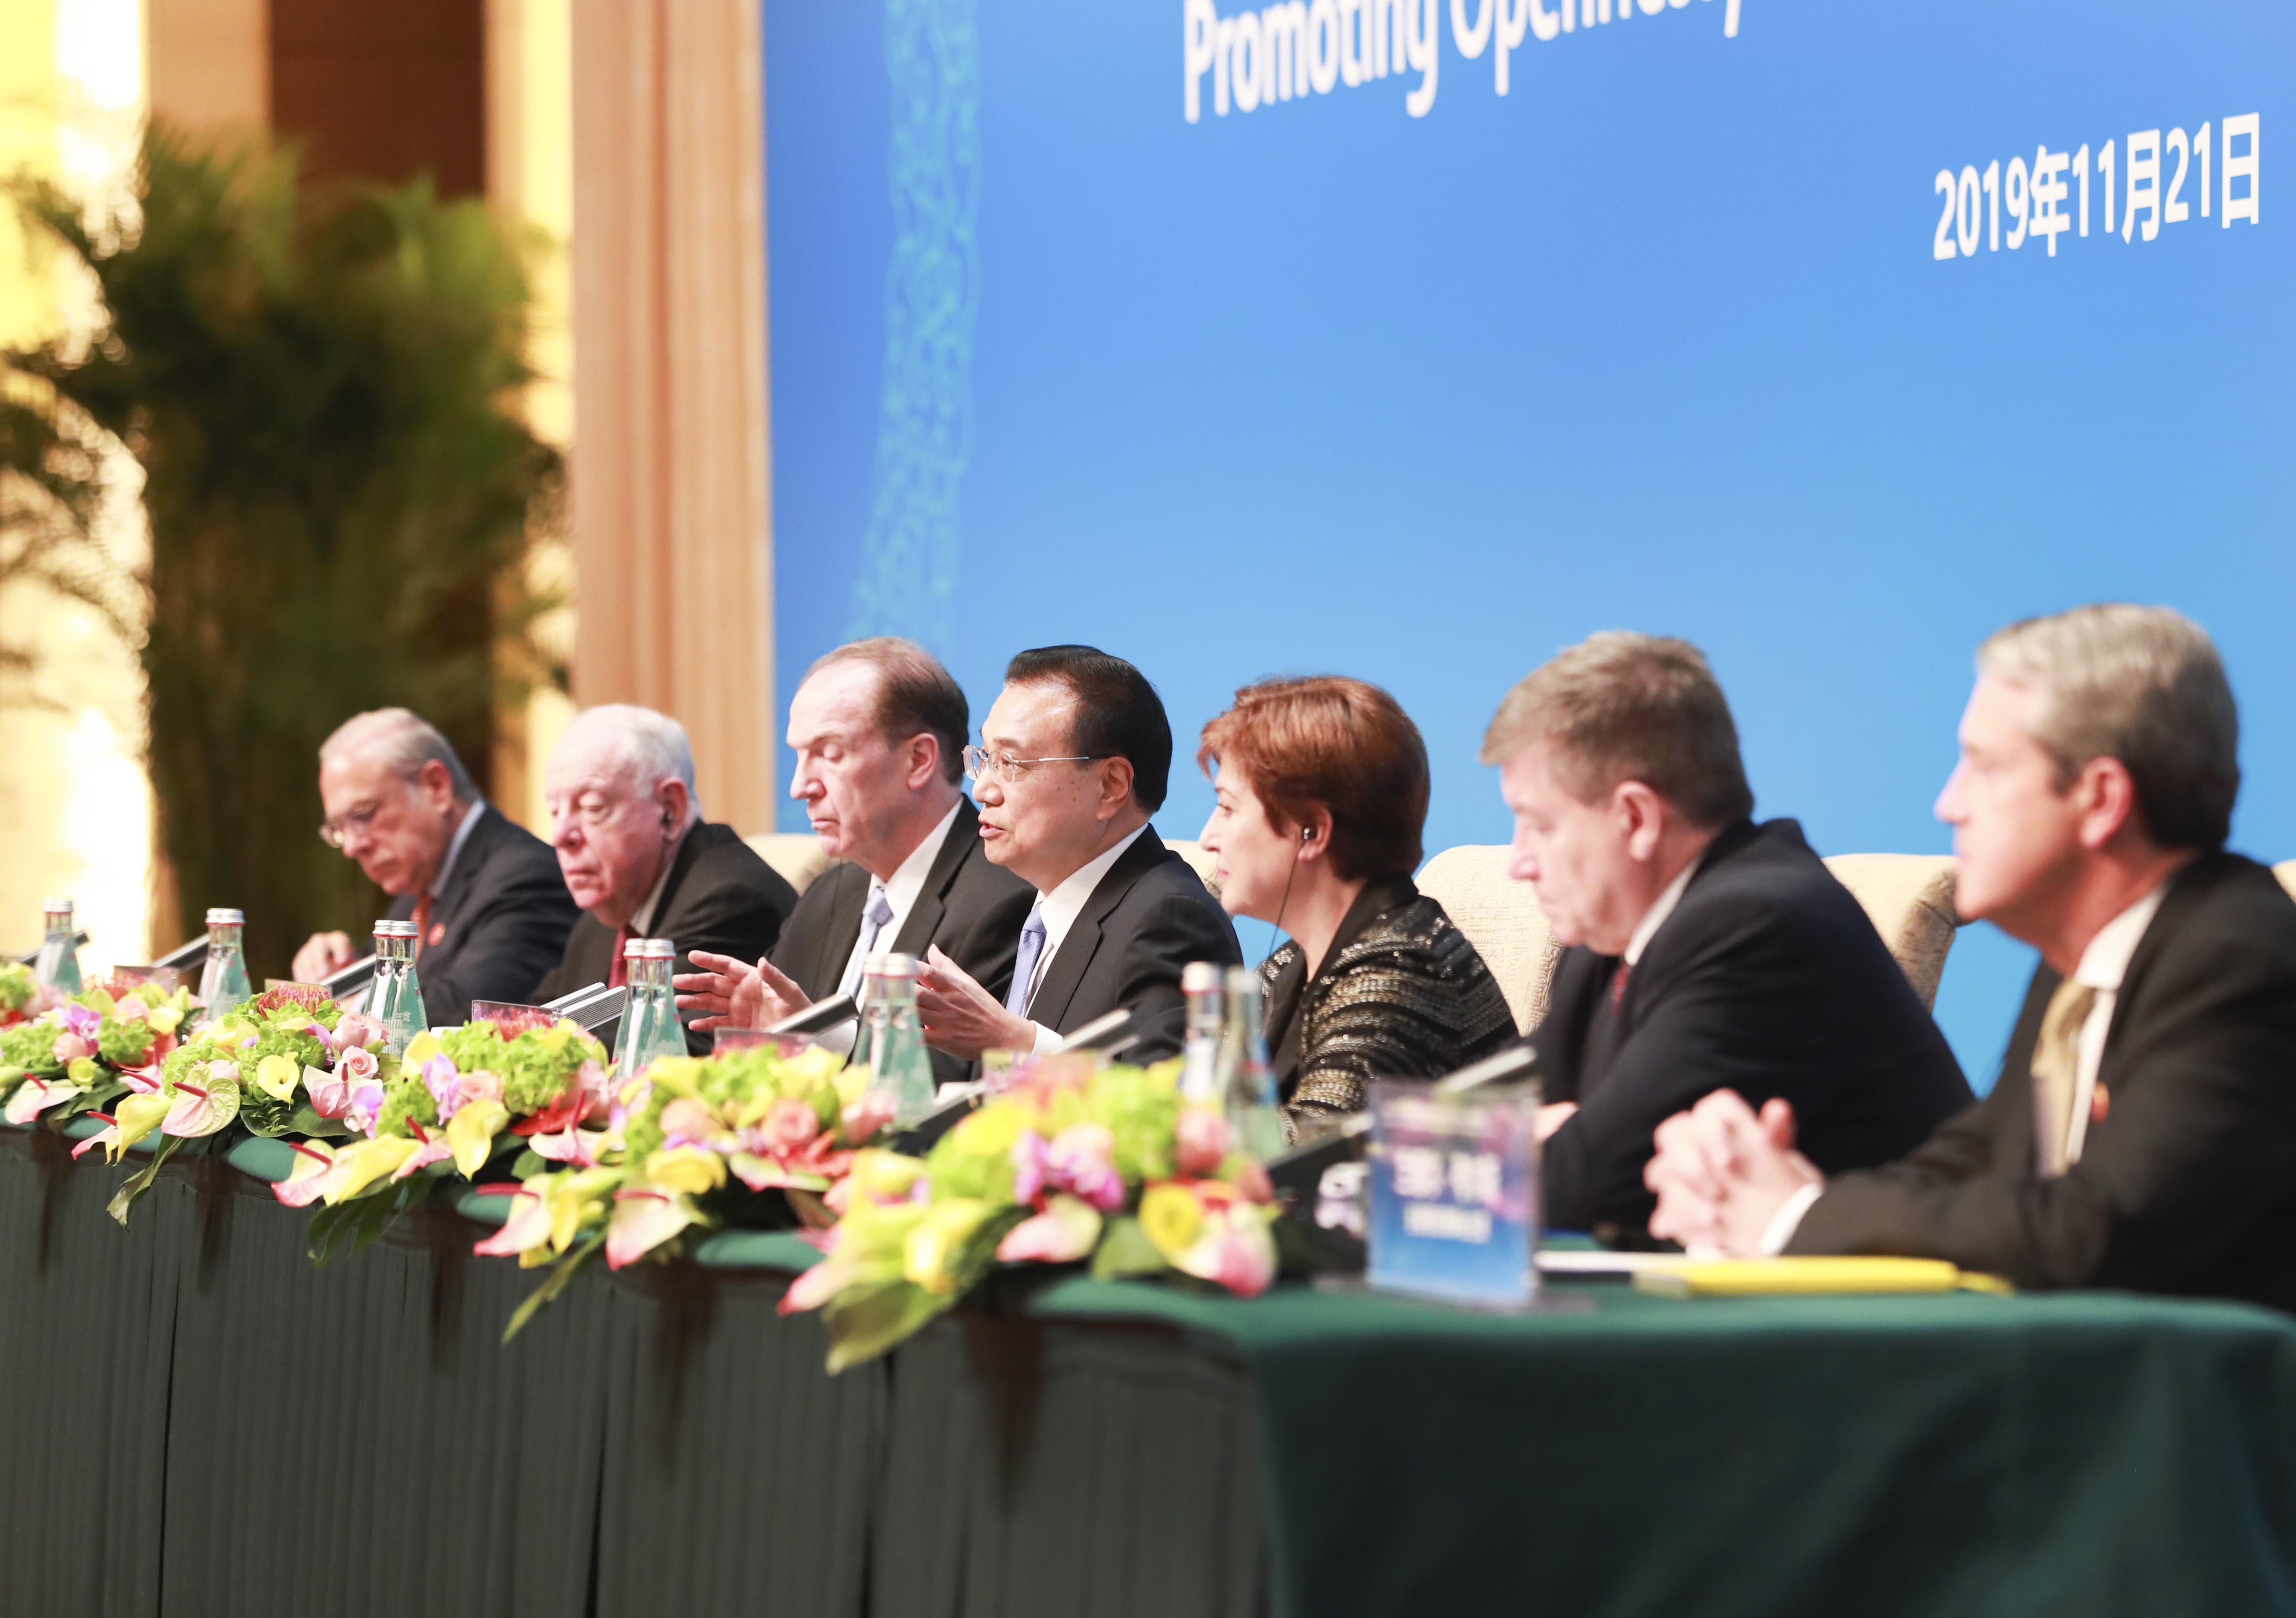 李克強総理、より高いレベルの対外開放を強調 「1+6」円卓対話の共同記者会見で